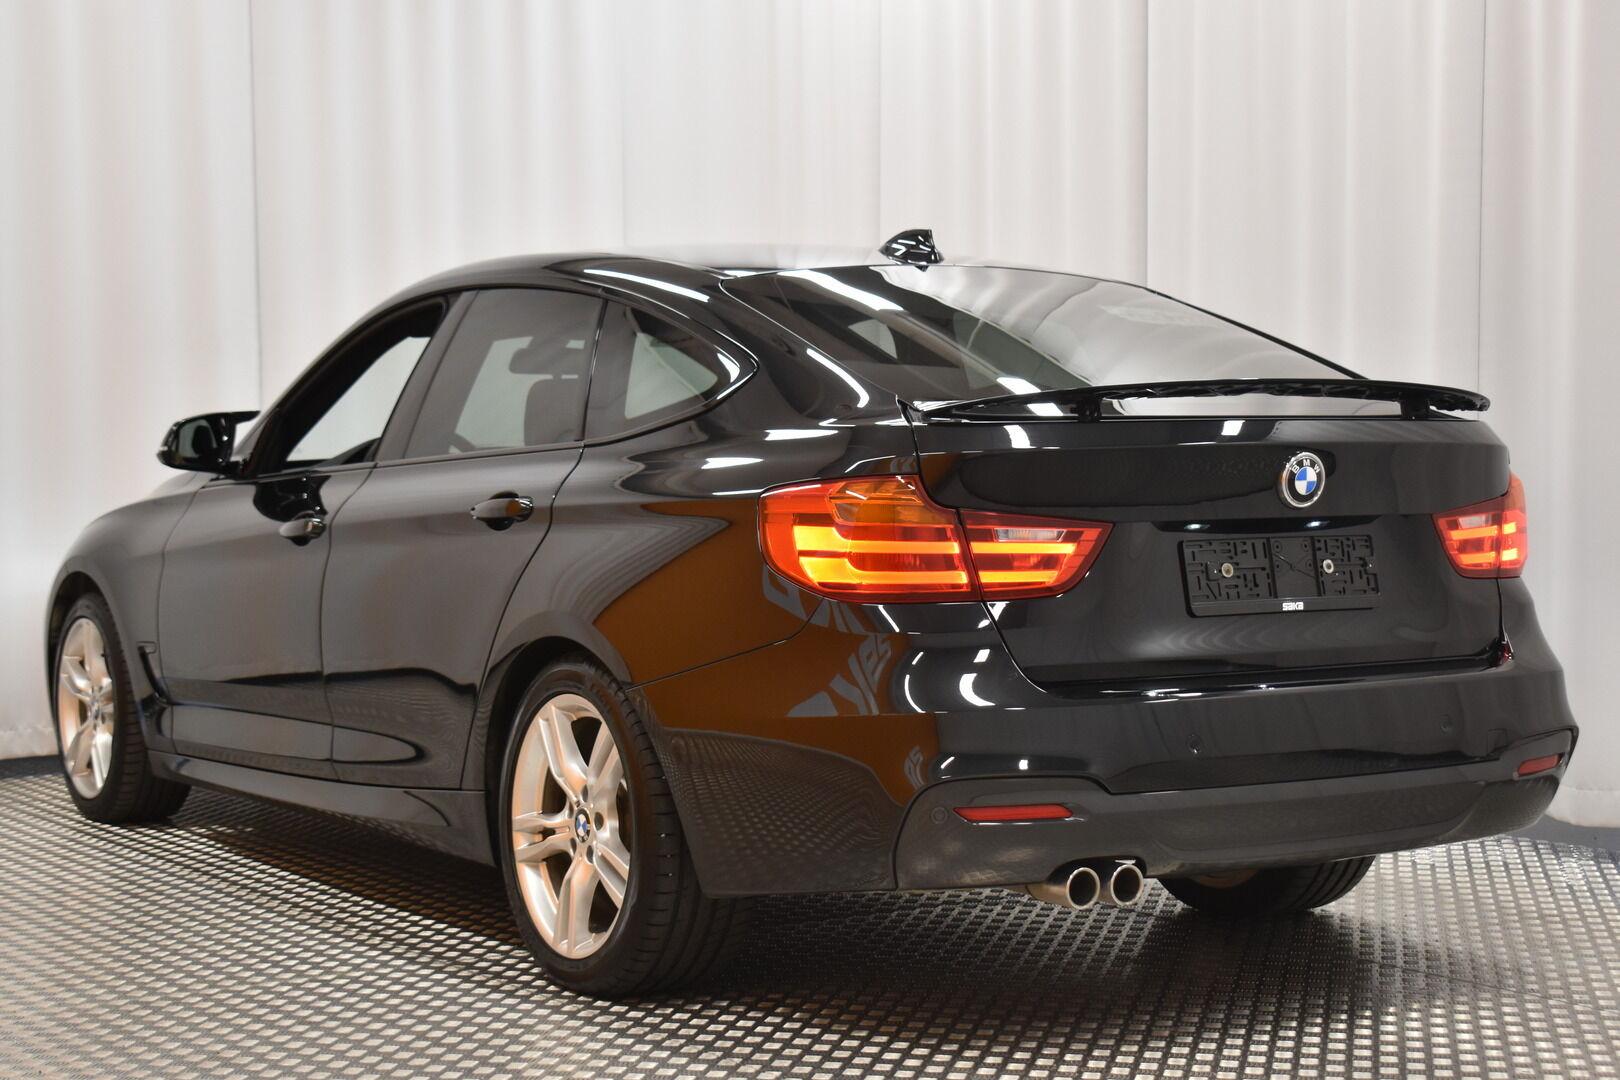 Musta Sedan, BMW 320 Gran Turismo – KOU-73563, kuva 27